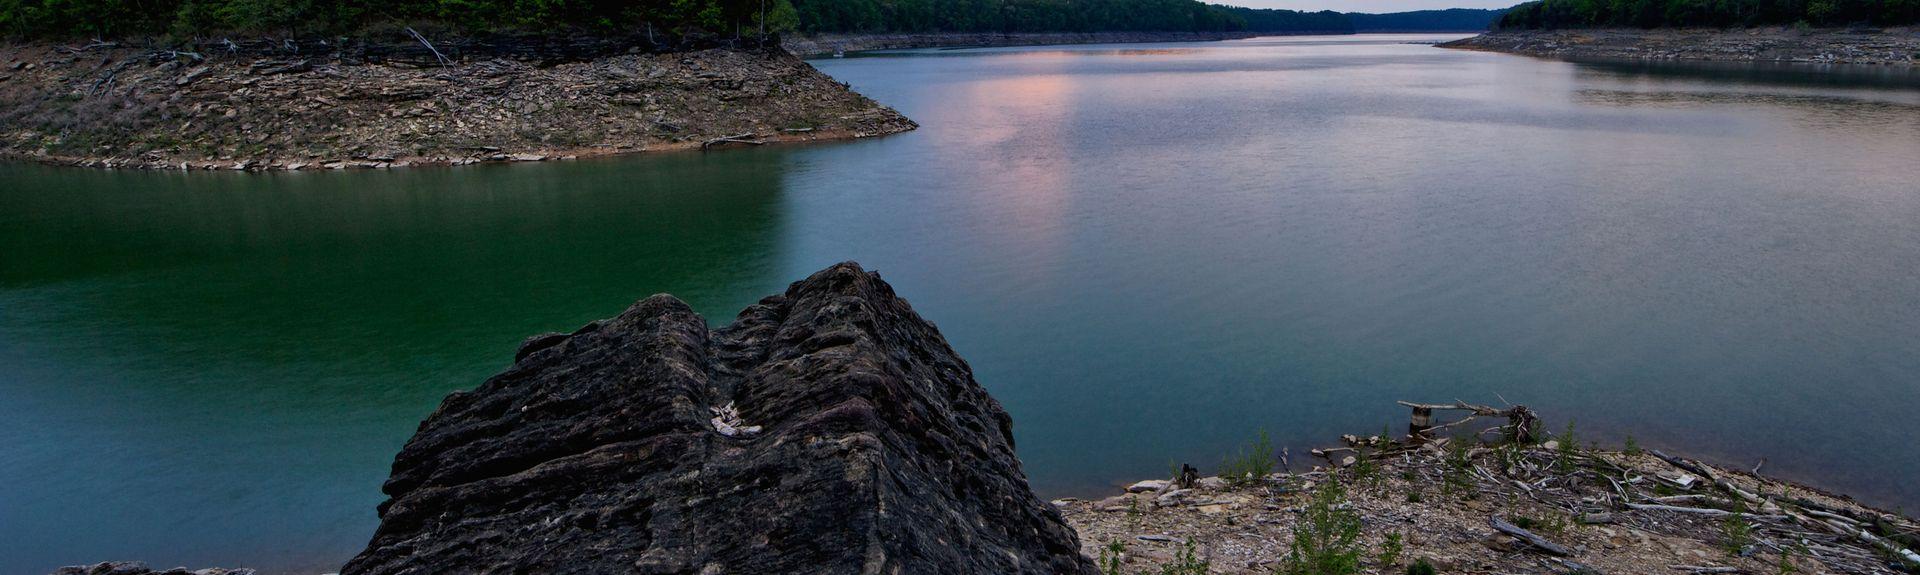 Lake Cumberland, KY, USA